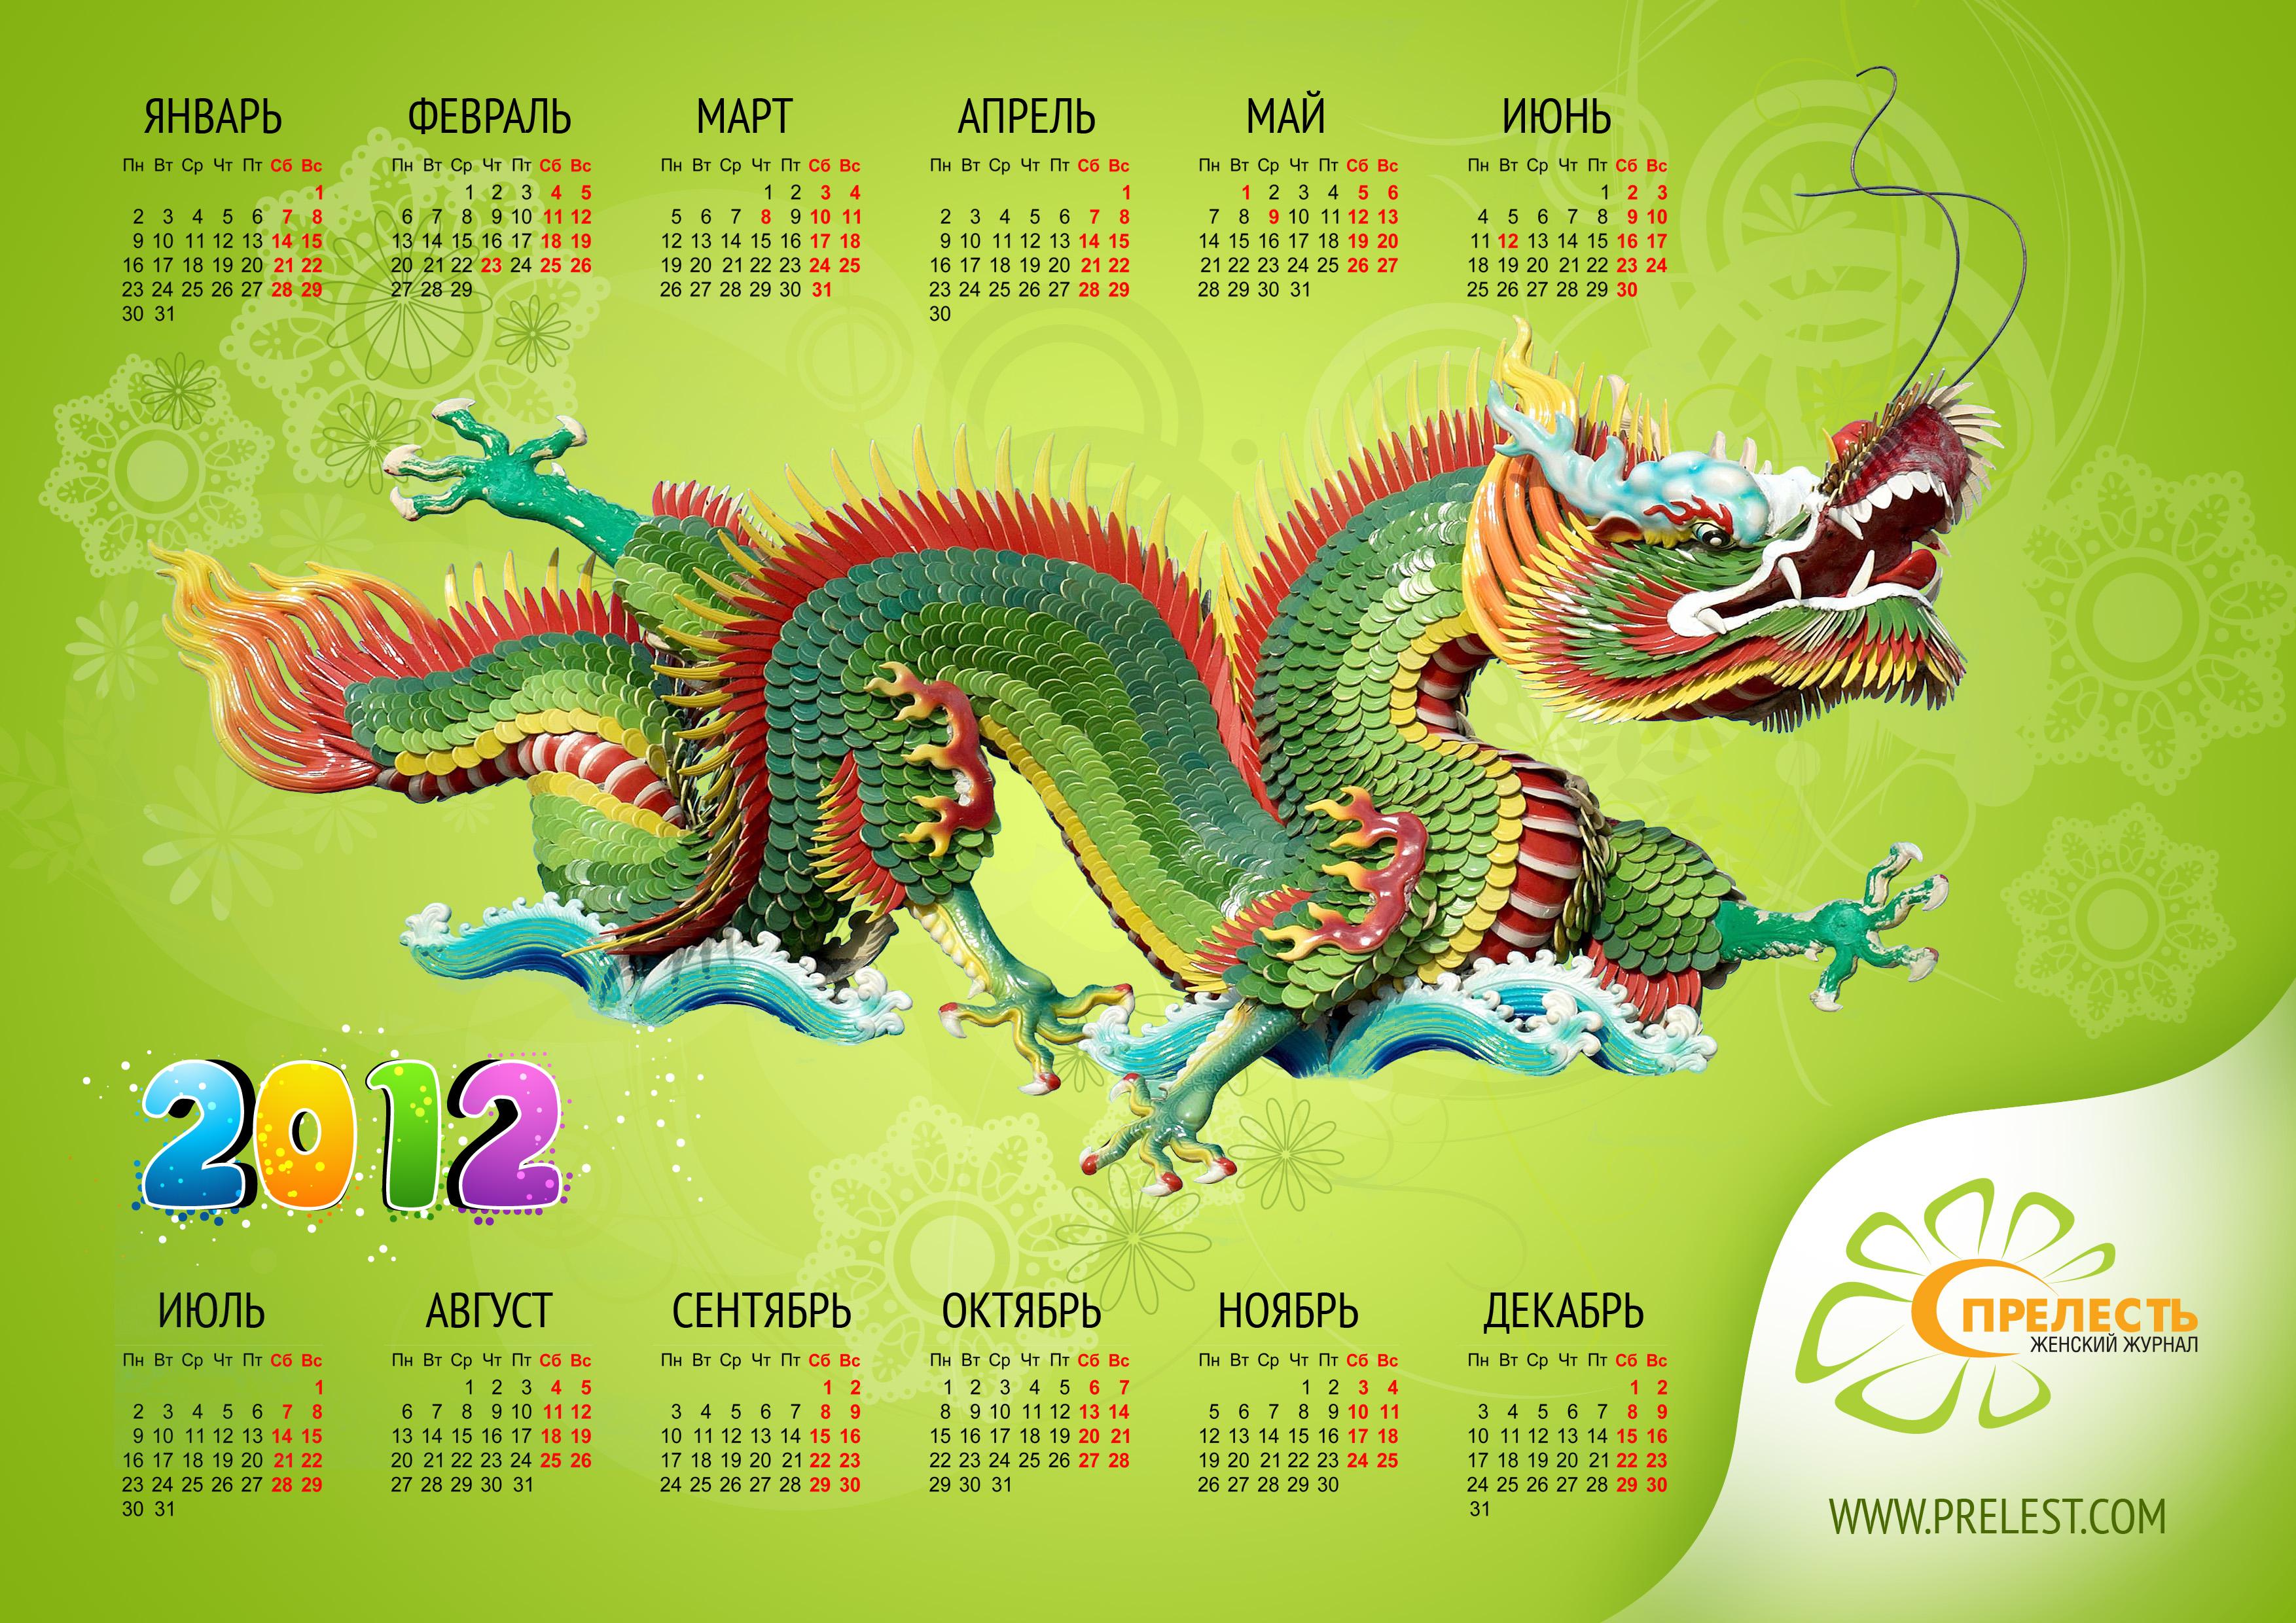 Скачать календарь на 2012 год с драконом